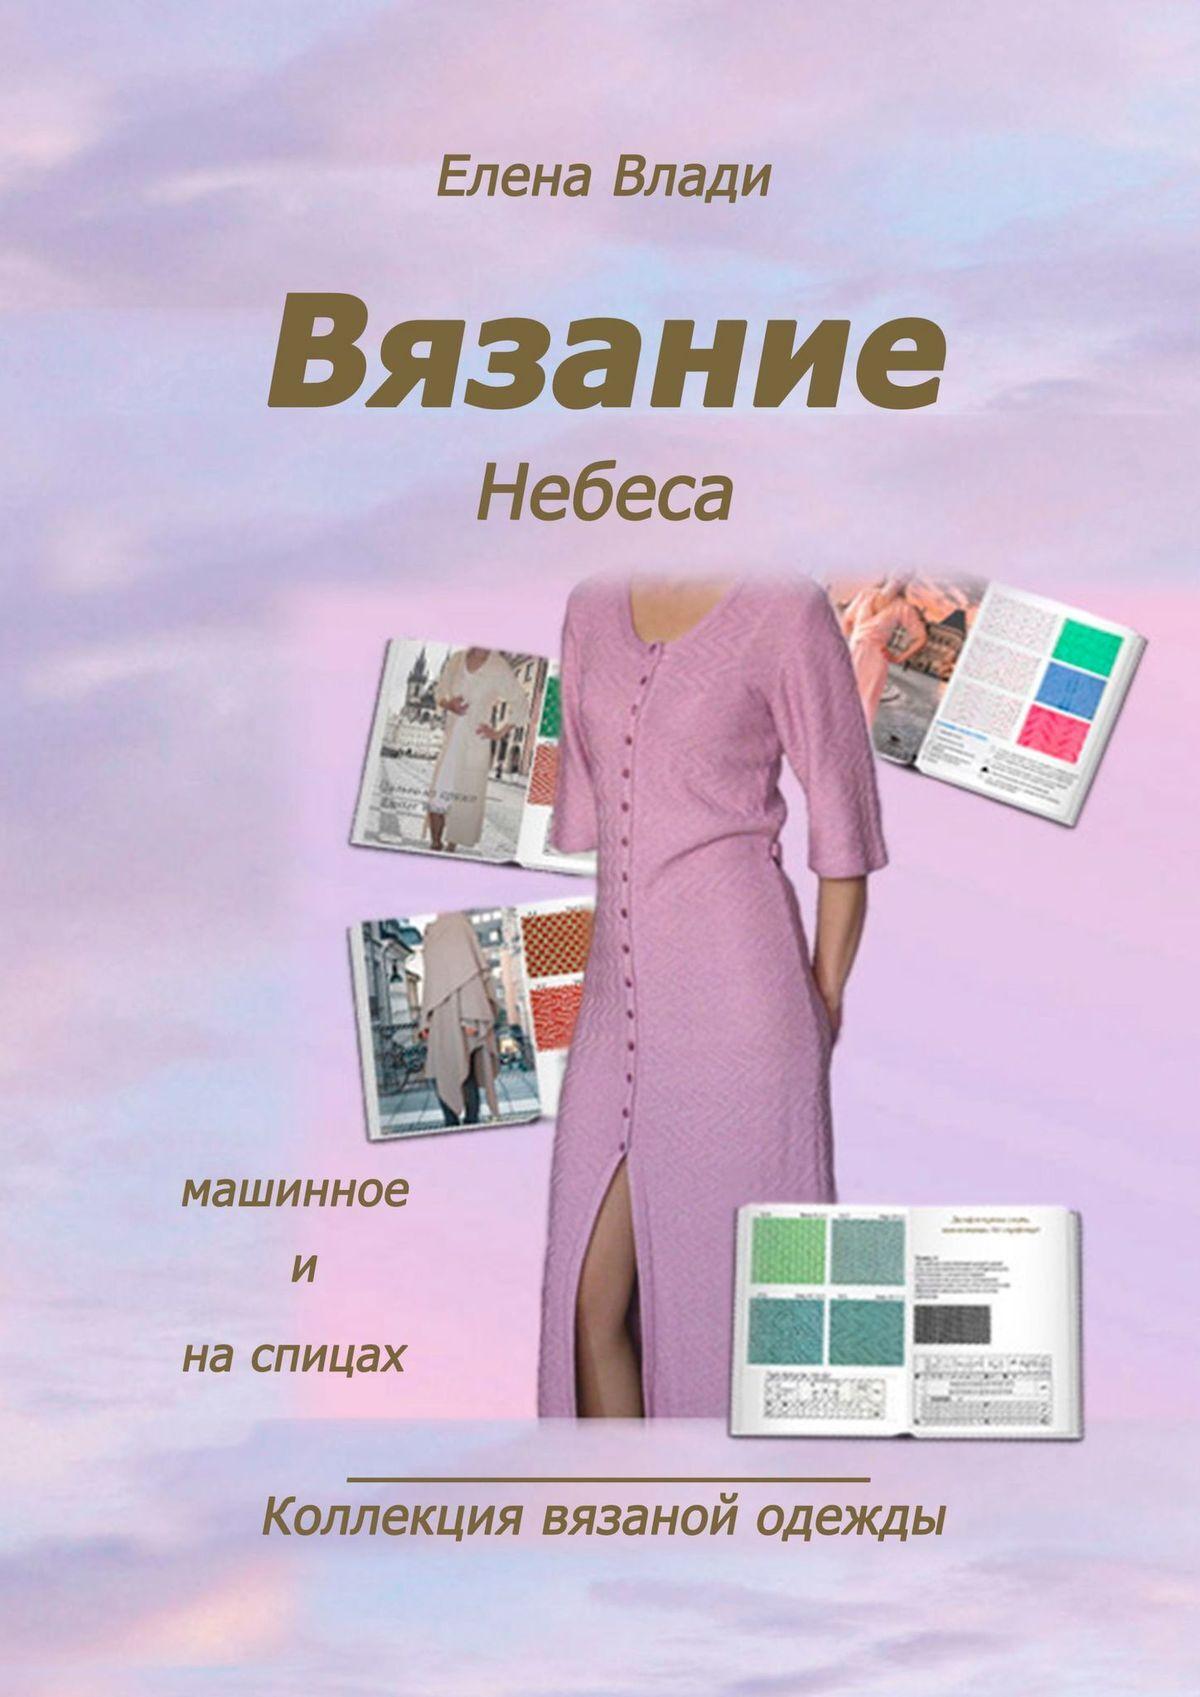 Елена Влади Вязание. Небеса